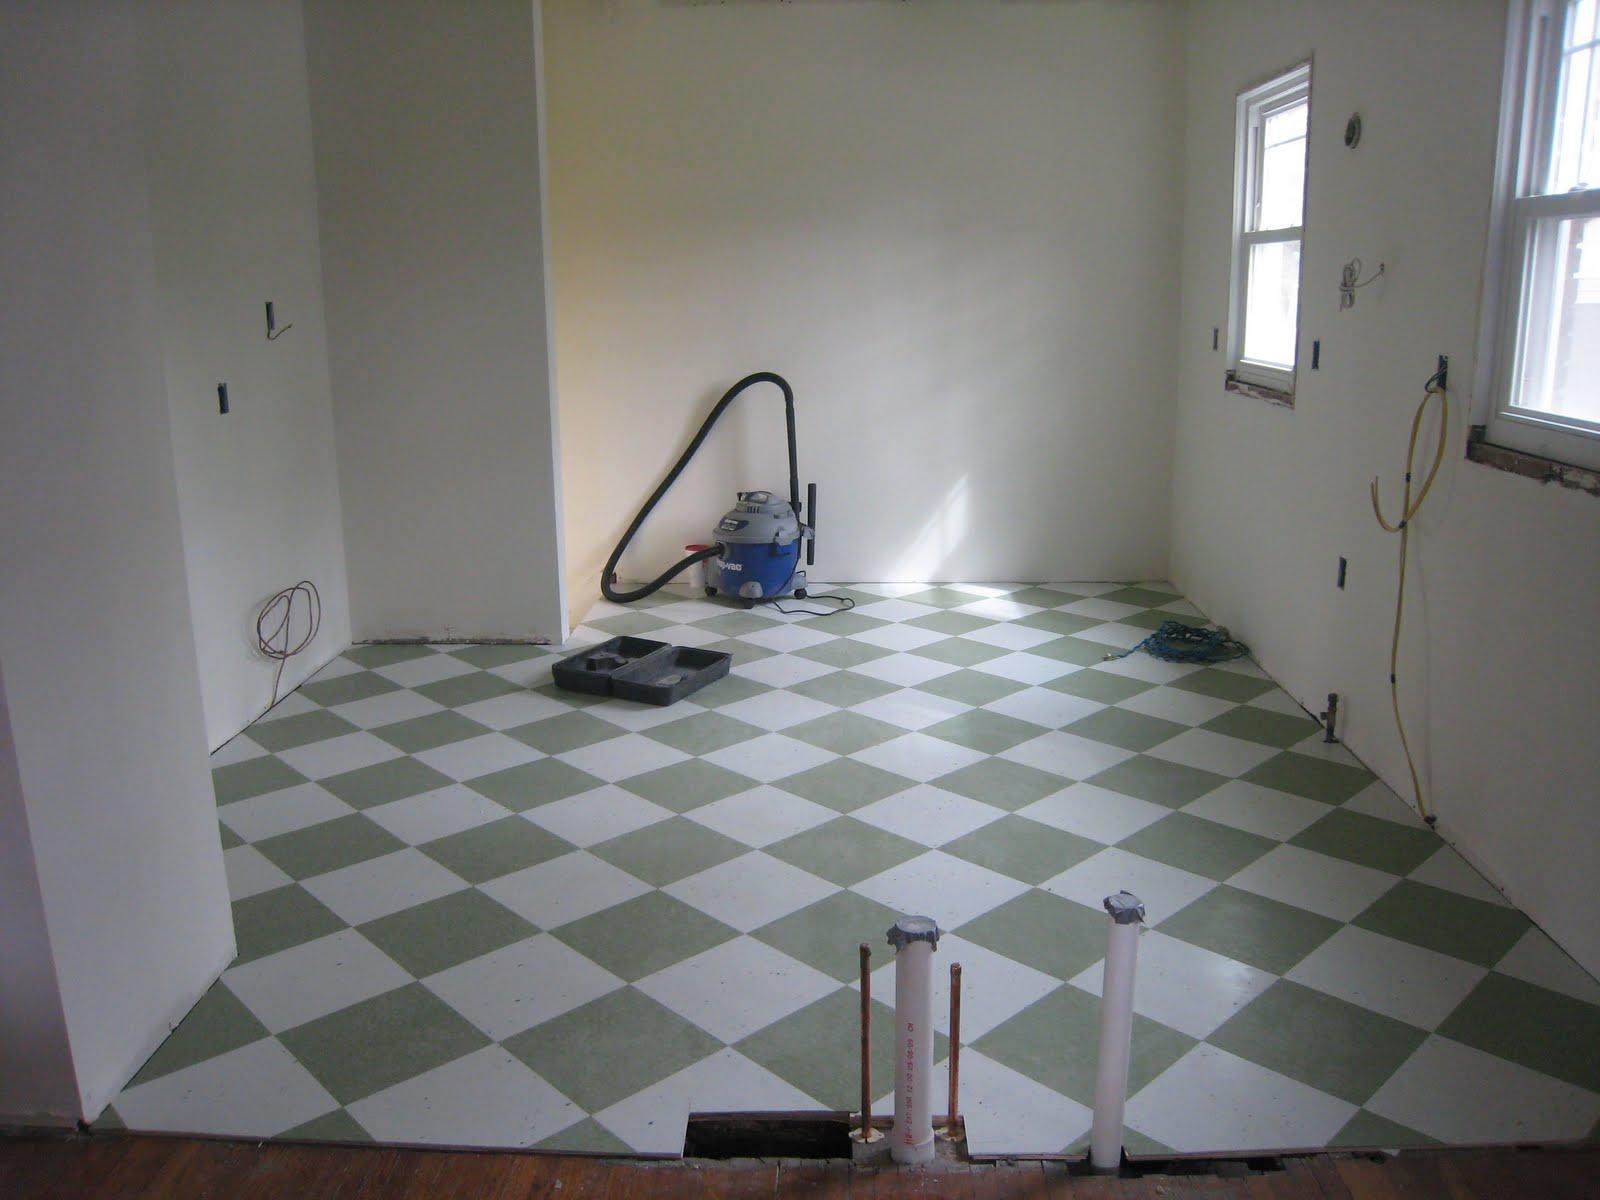 Kitchen Floor & Life at the Little Brick House: Kitchen Floor